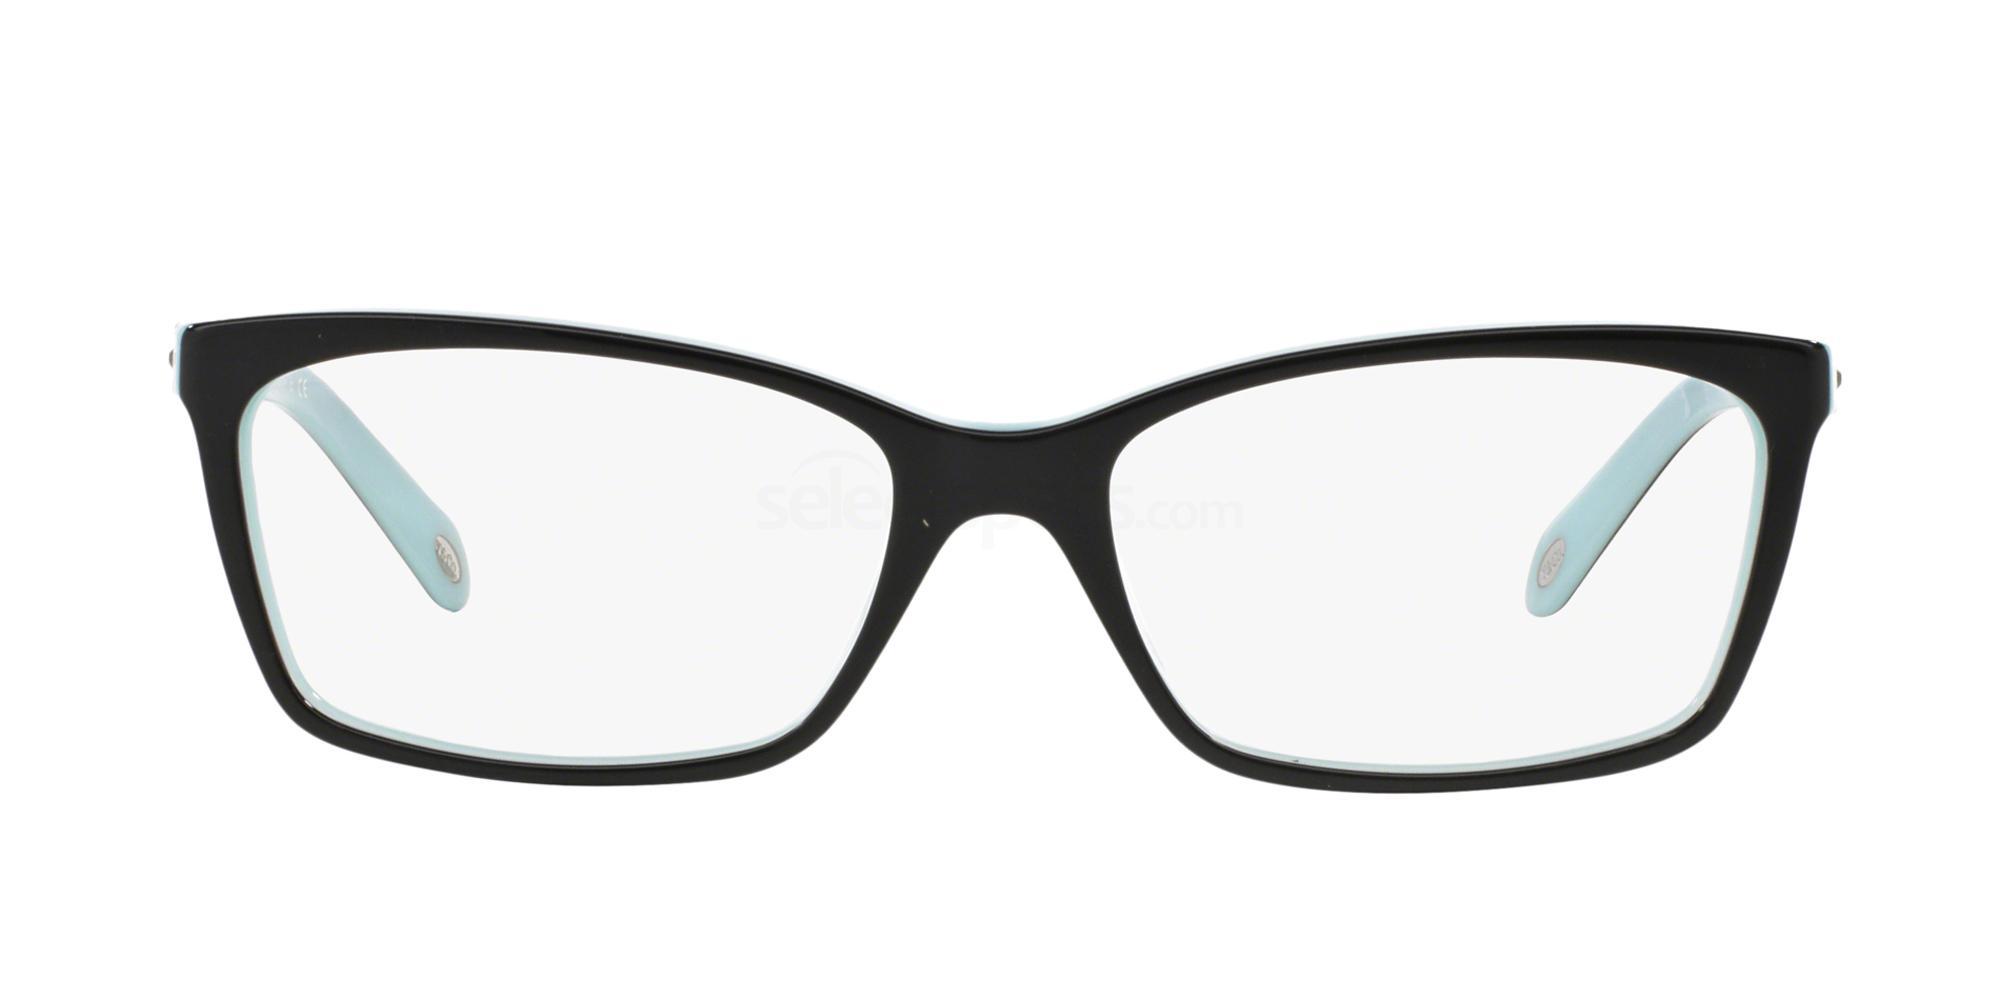 Tiffany_&_co_prescription_glasses